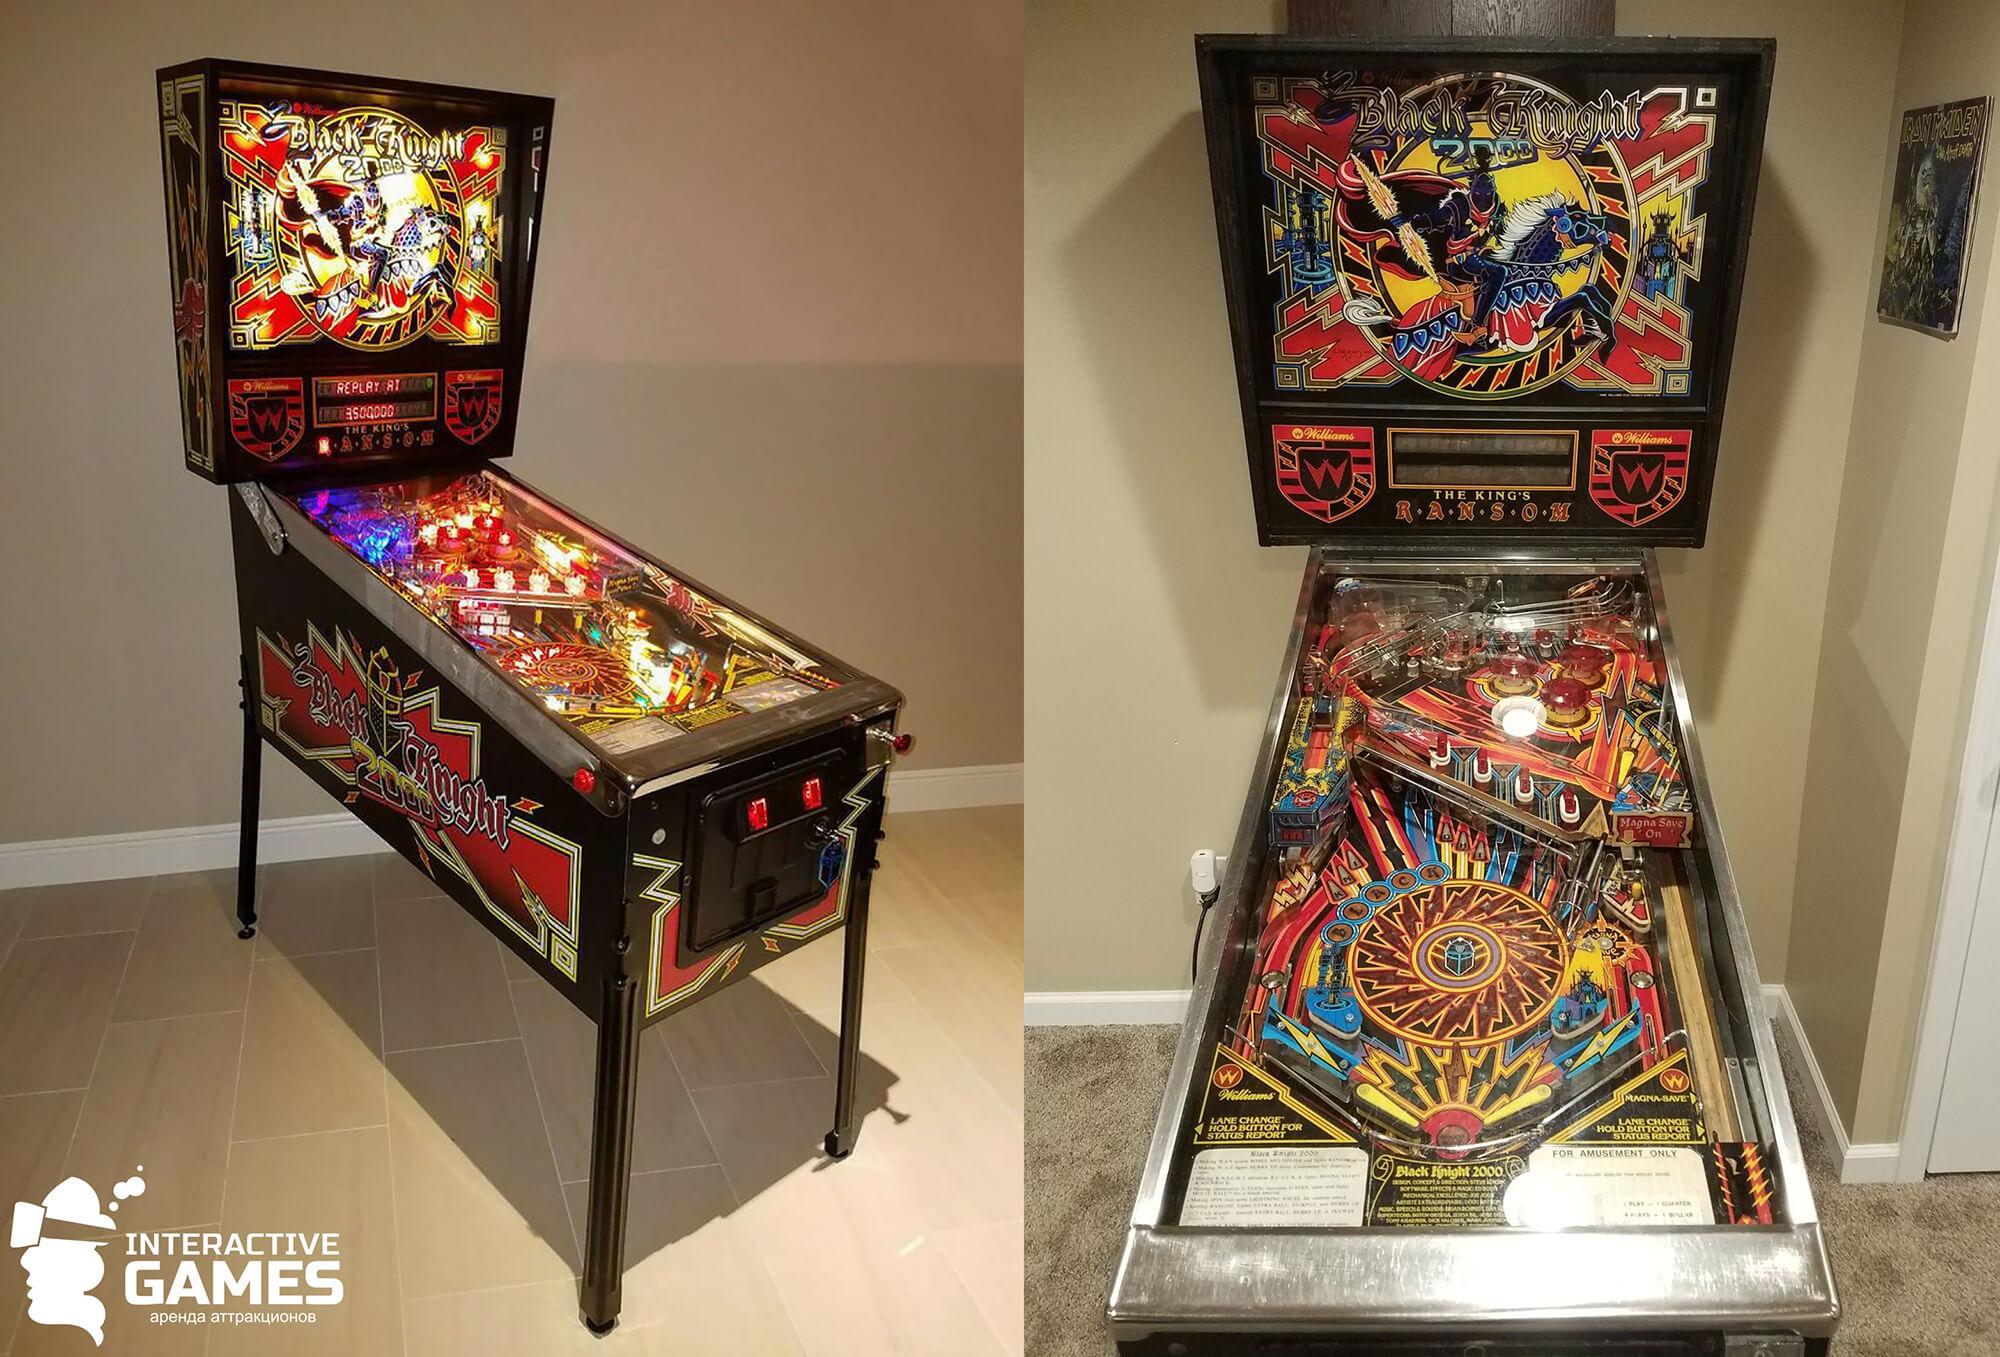 Взять игровой автомат в аренду игровые автоматы развлекательный центр купить